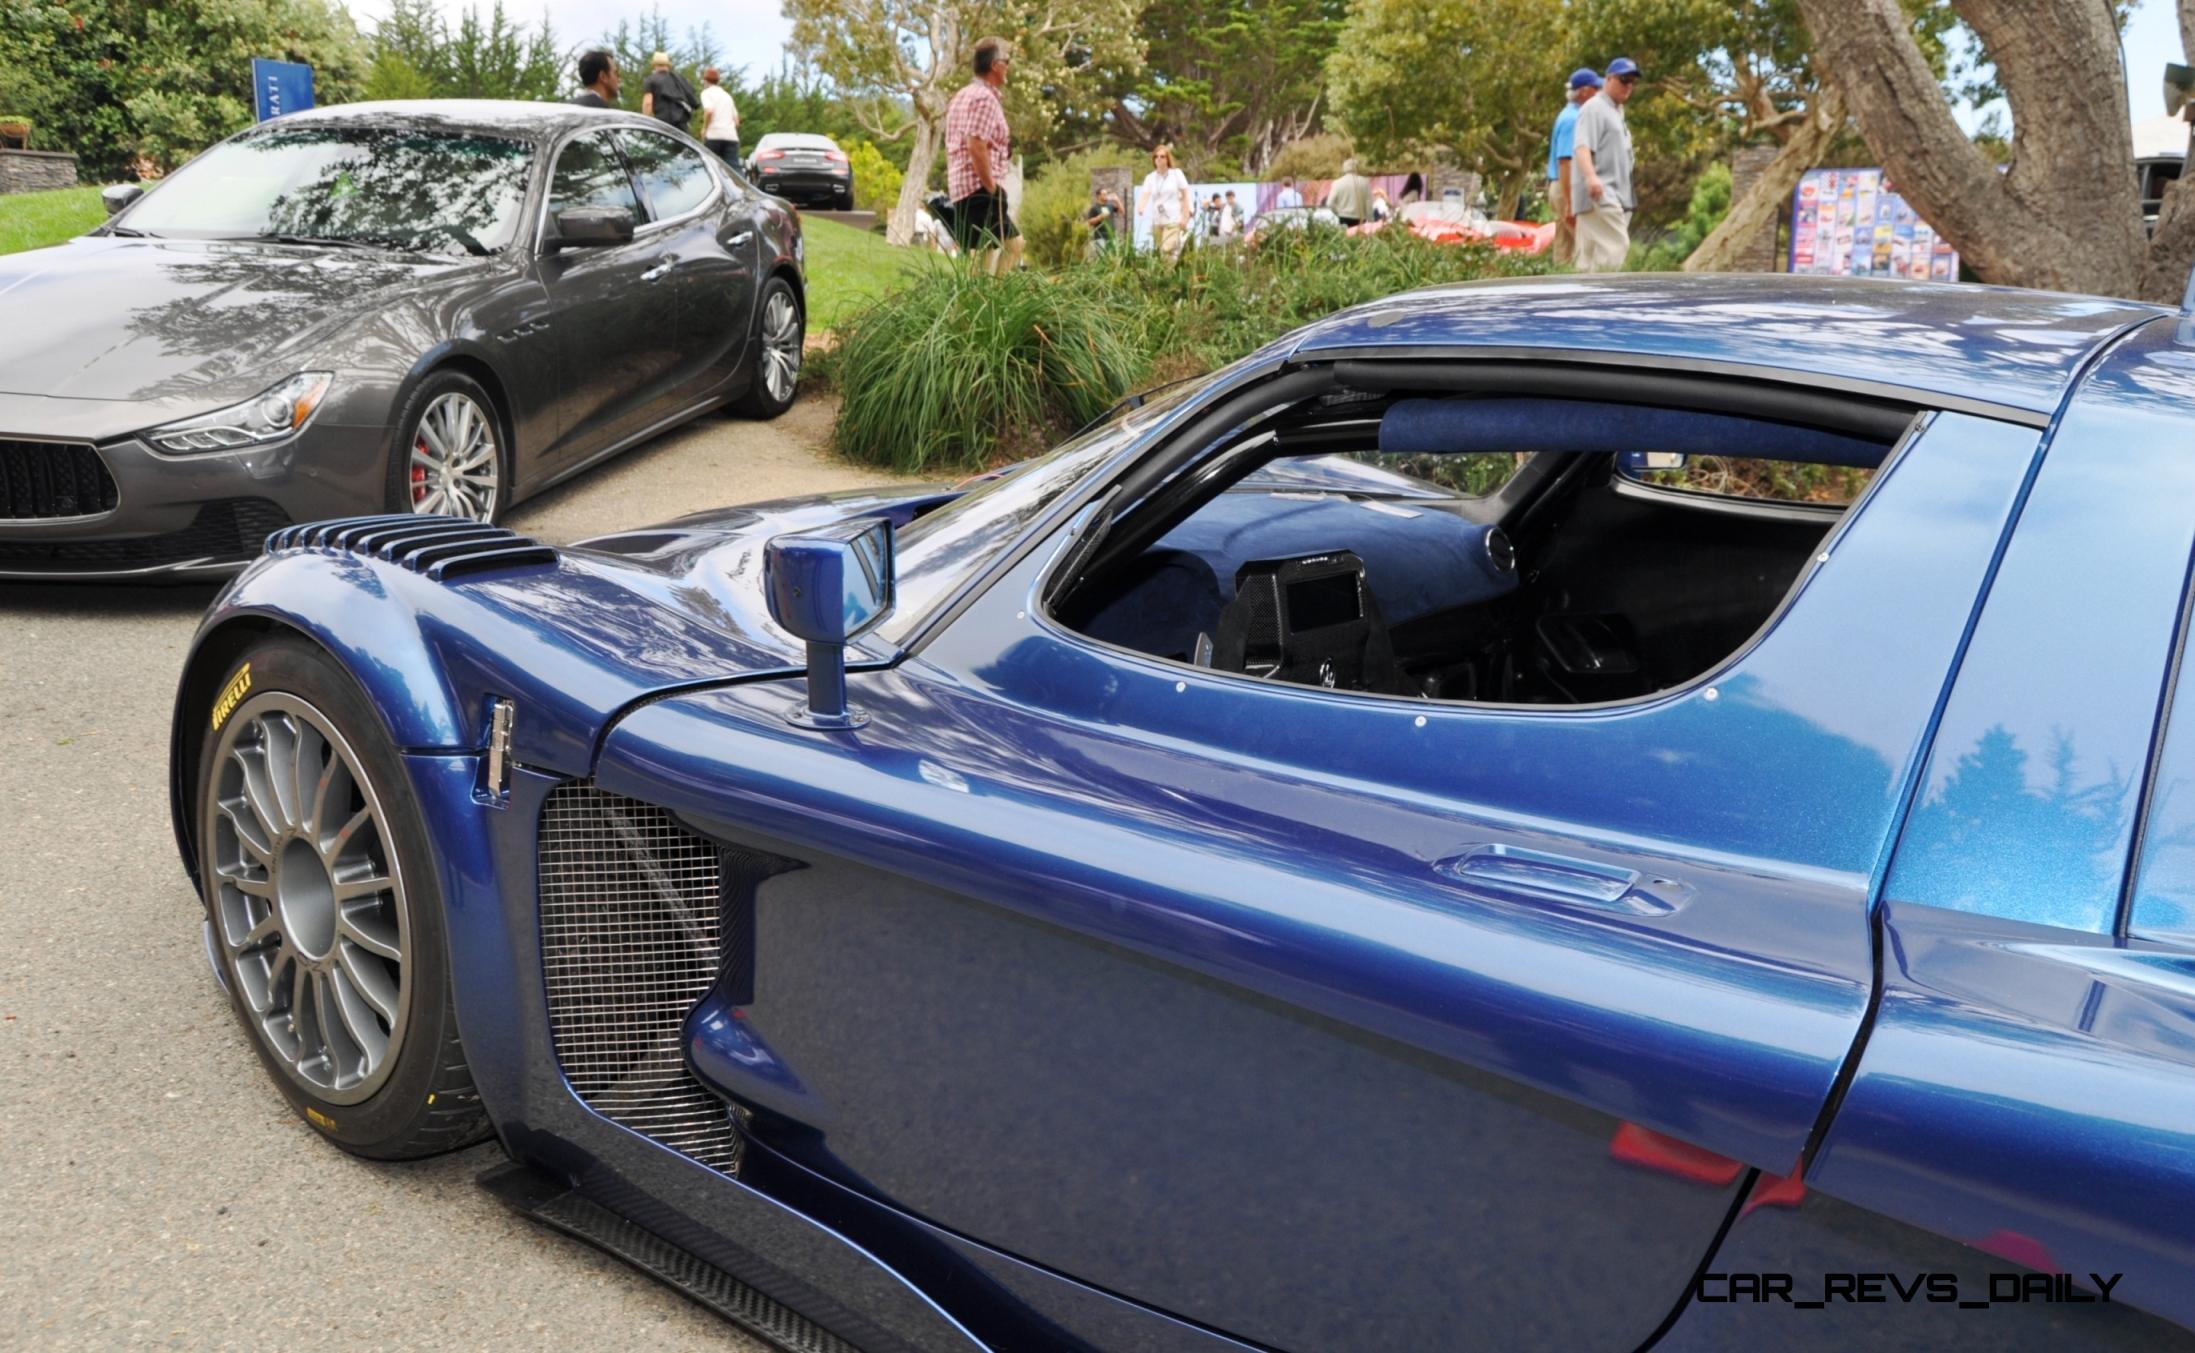 http://www.car-revs-daily.com/wp-content/uploads/Car-Revs-Daily.com-2006-Maserati-MC12-Corsa-51.jpg